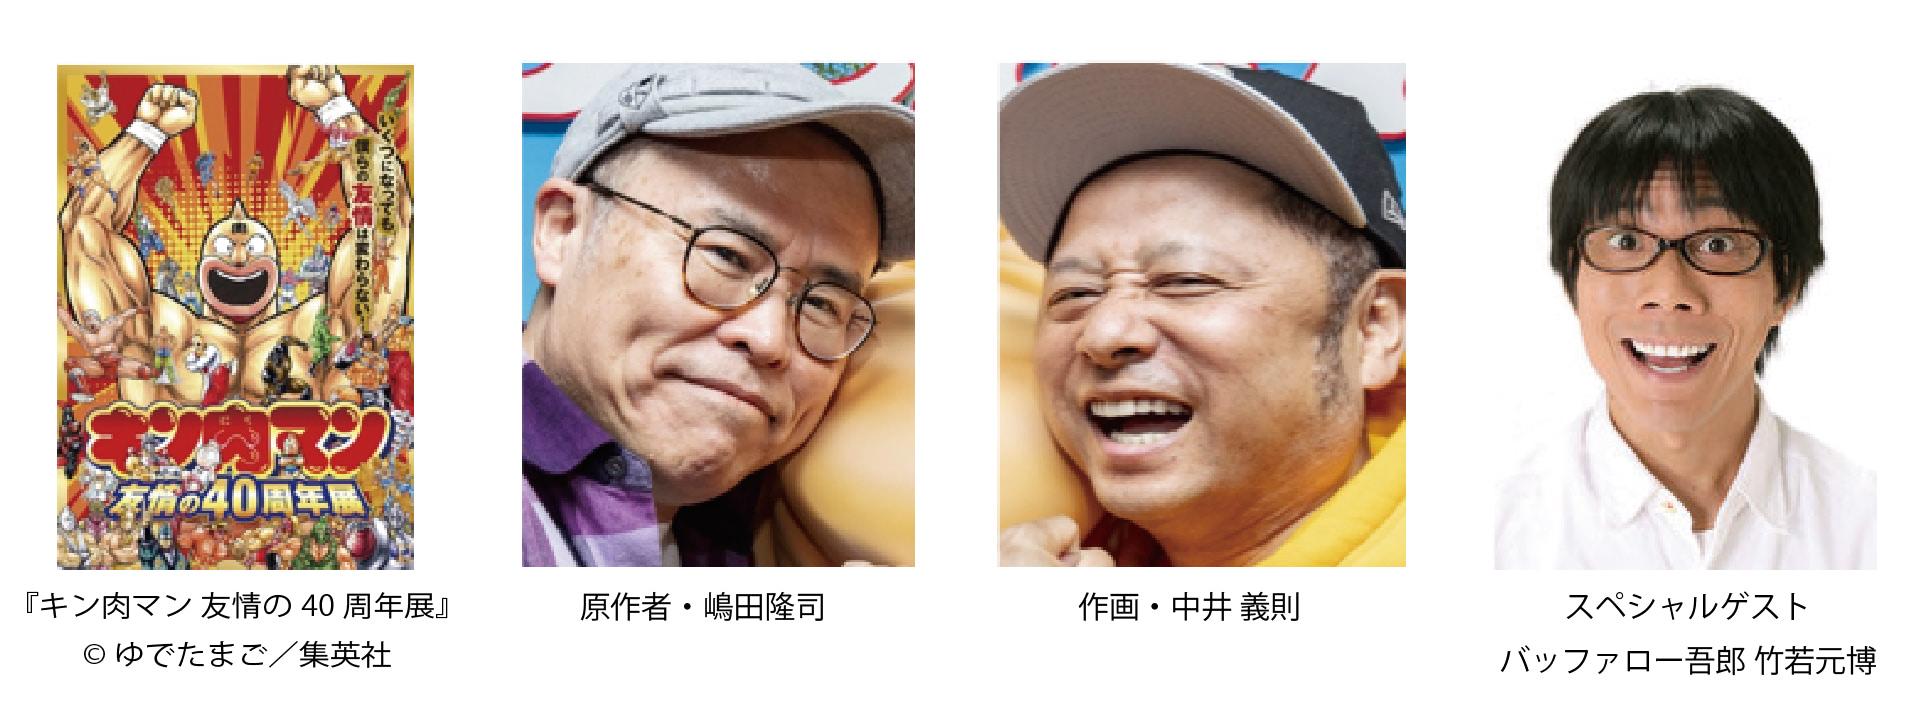 『キン肉マン 友情の40周年展』「開催概要」公開発表会